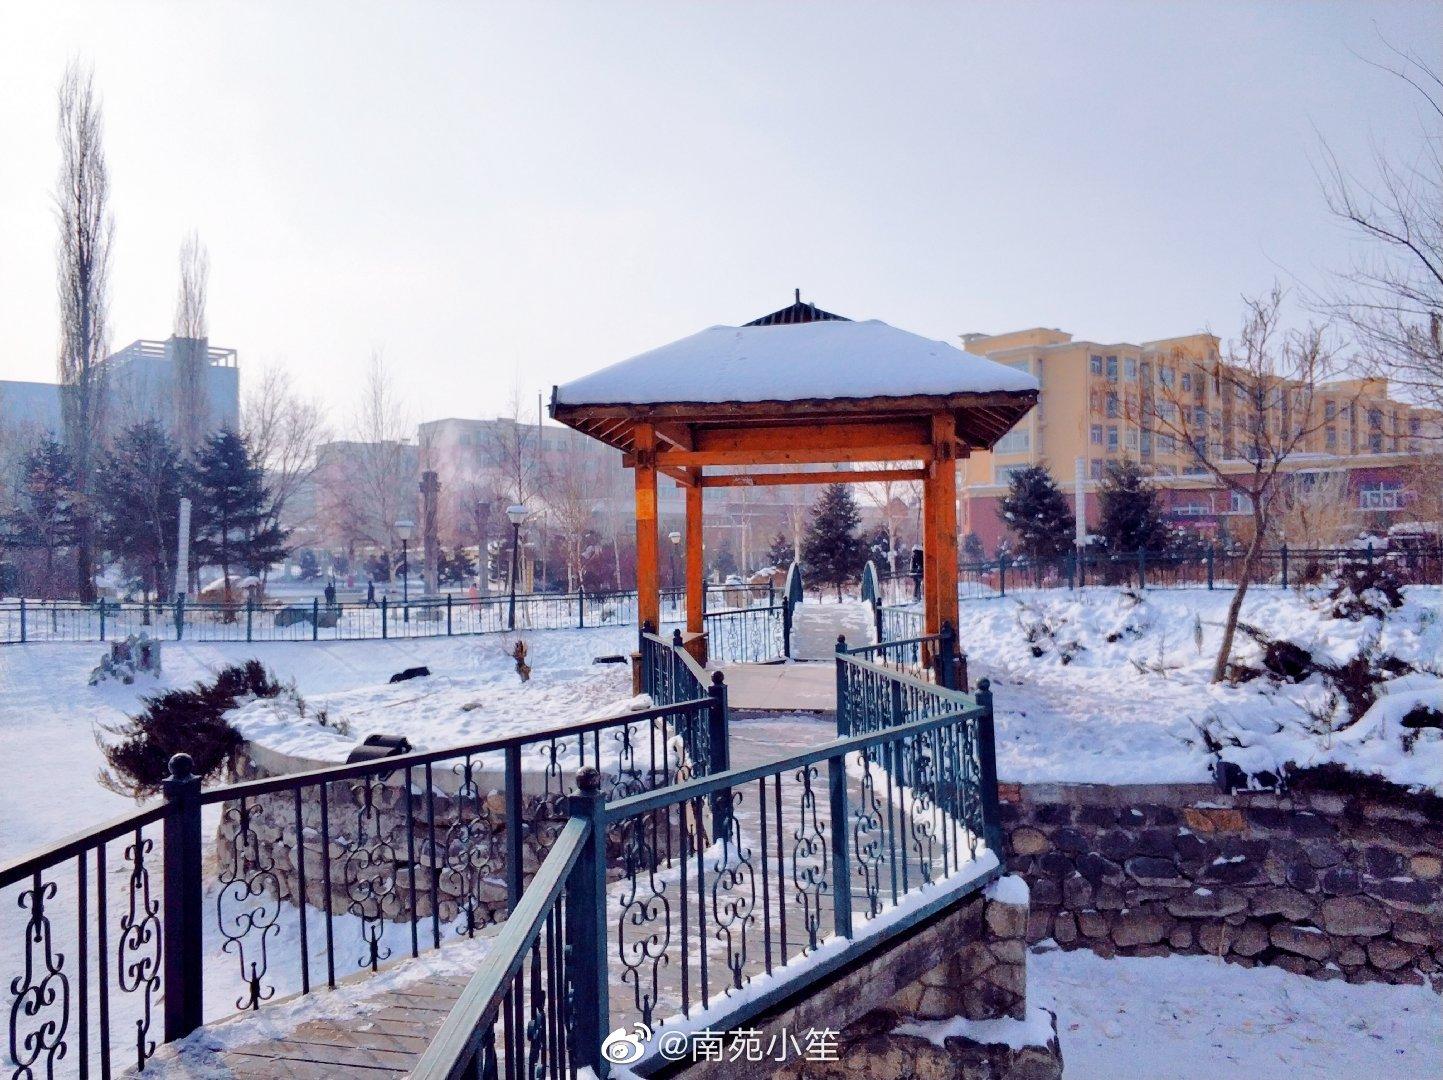 小镇冬日景 暖阳天空照